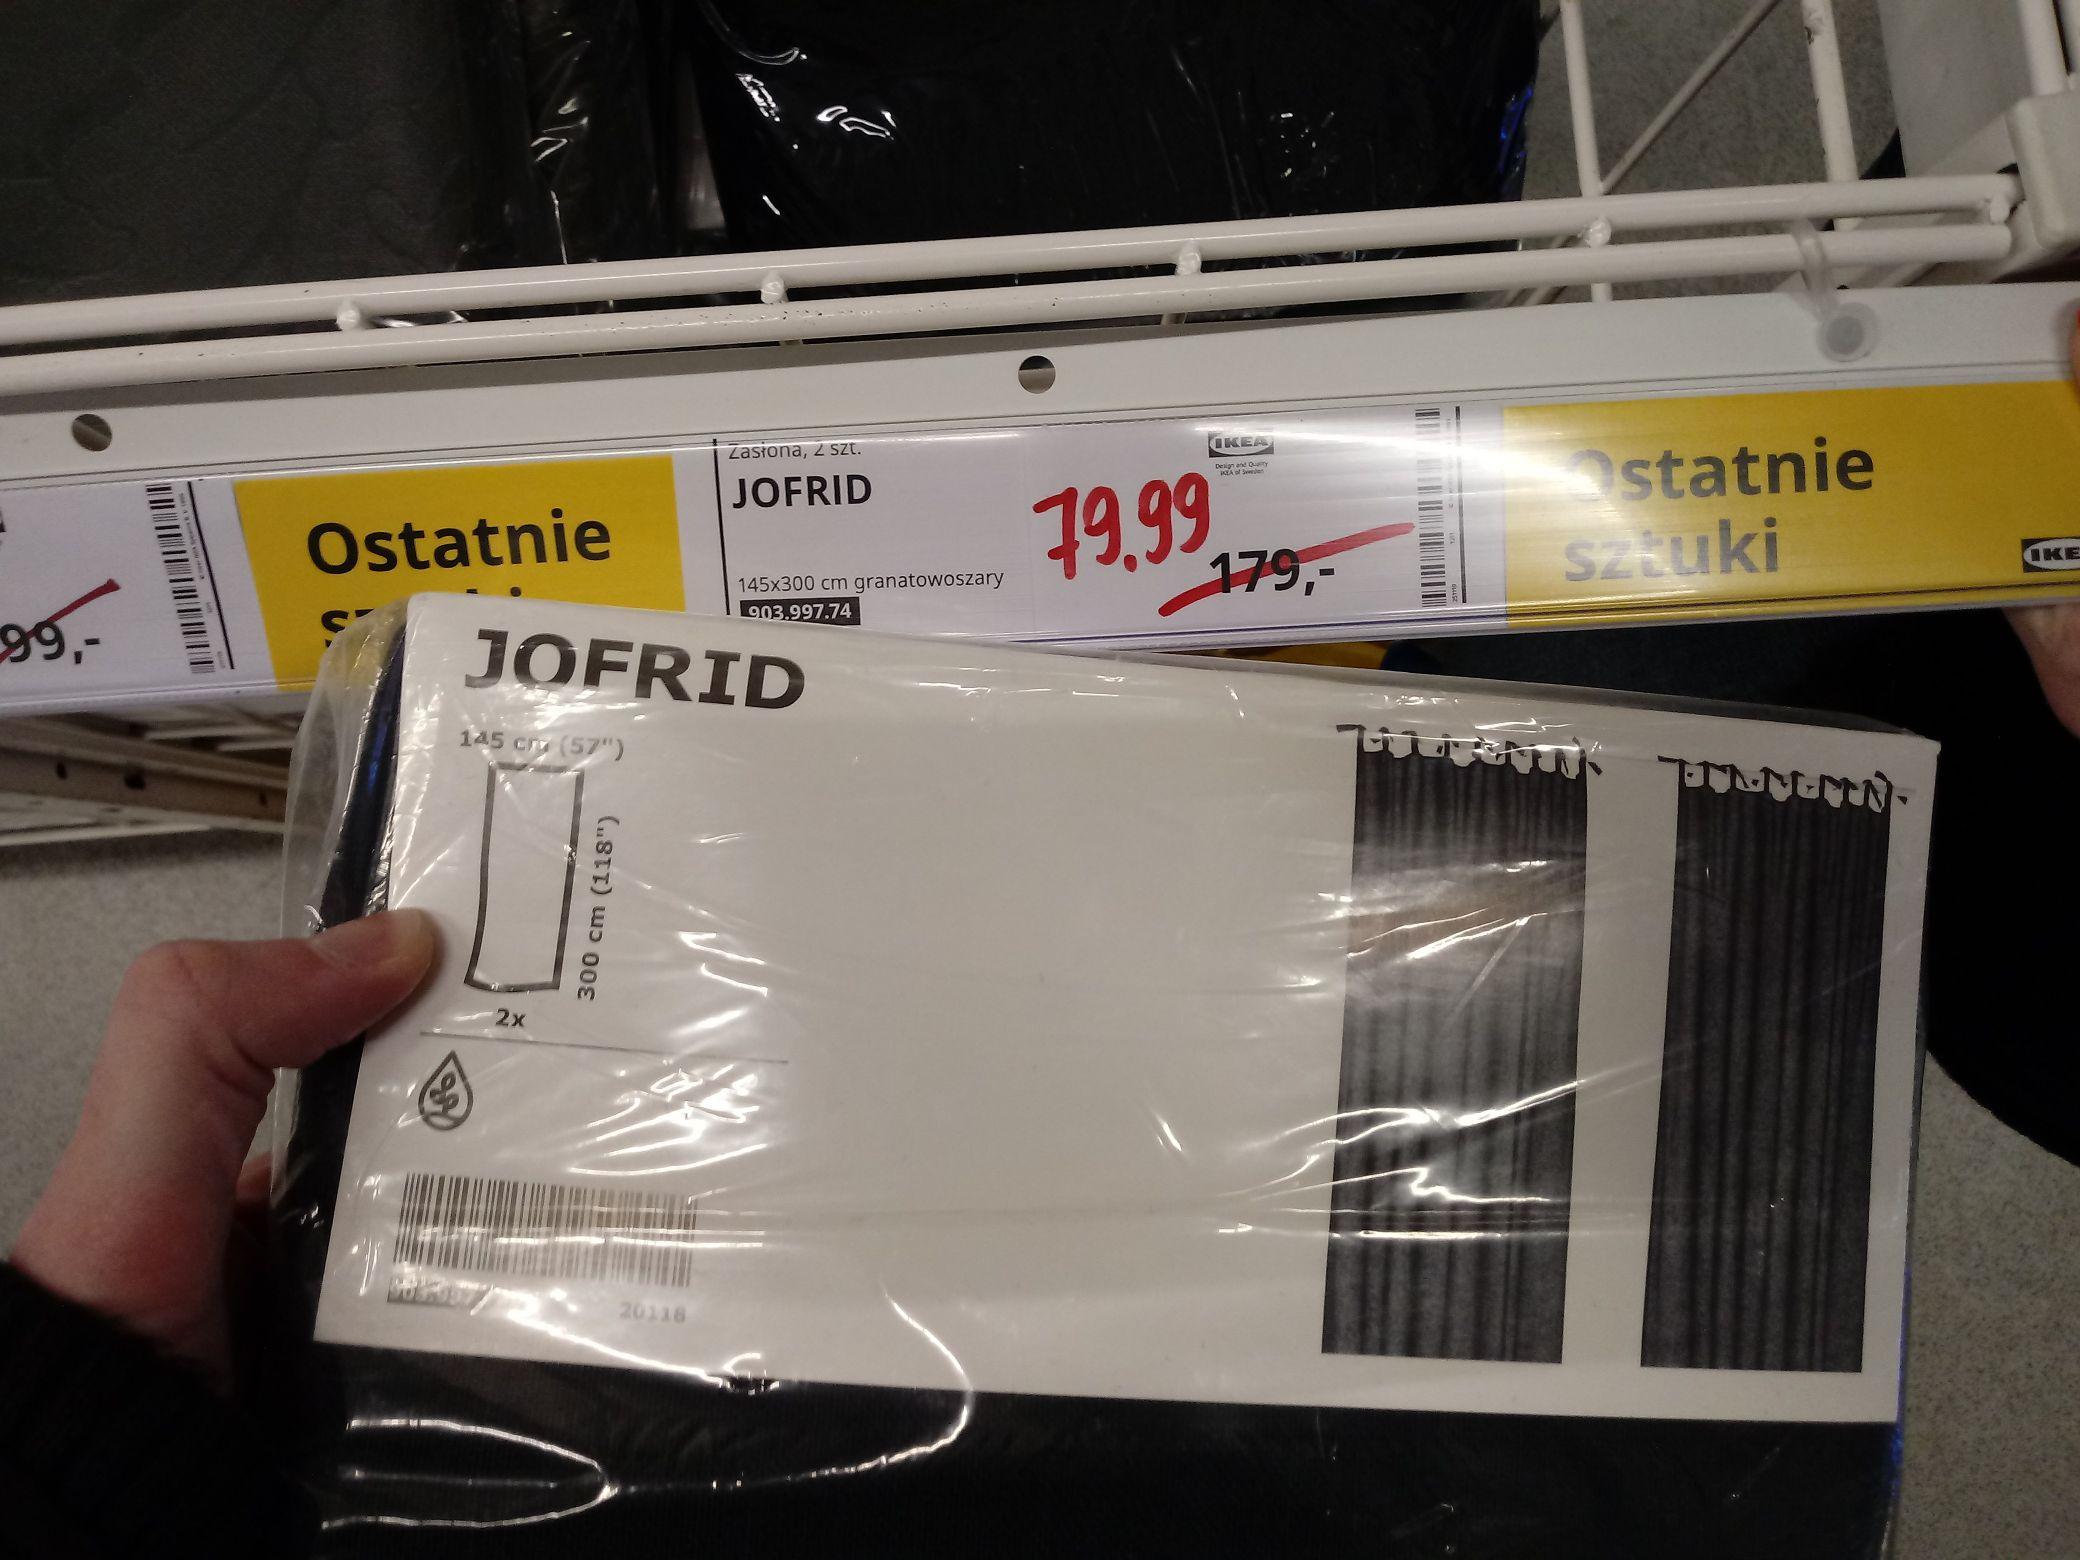 IKEA zasłony JOFRID